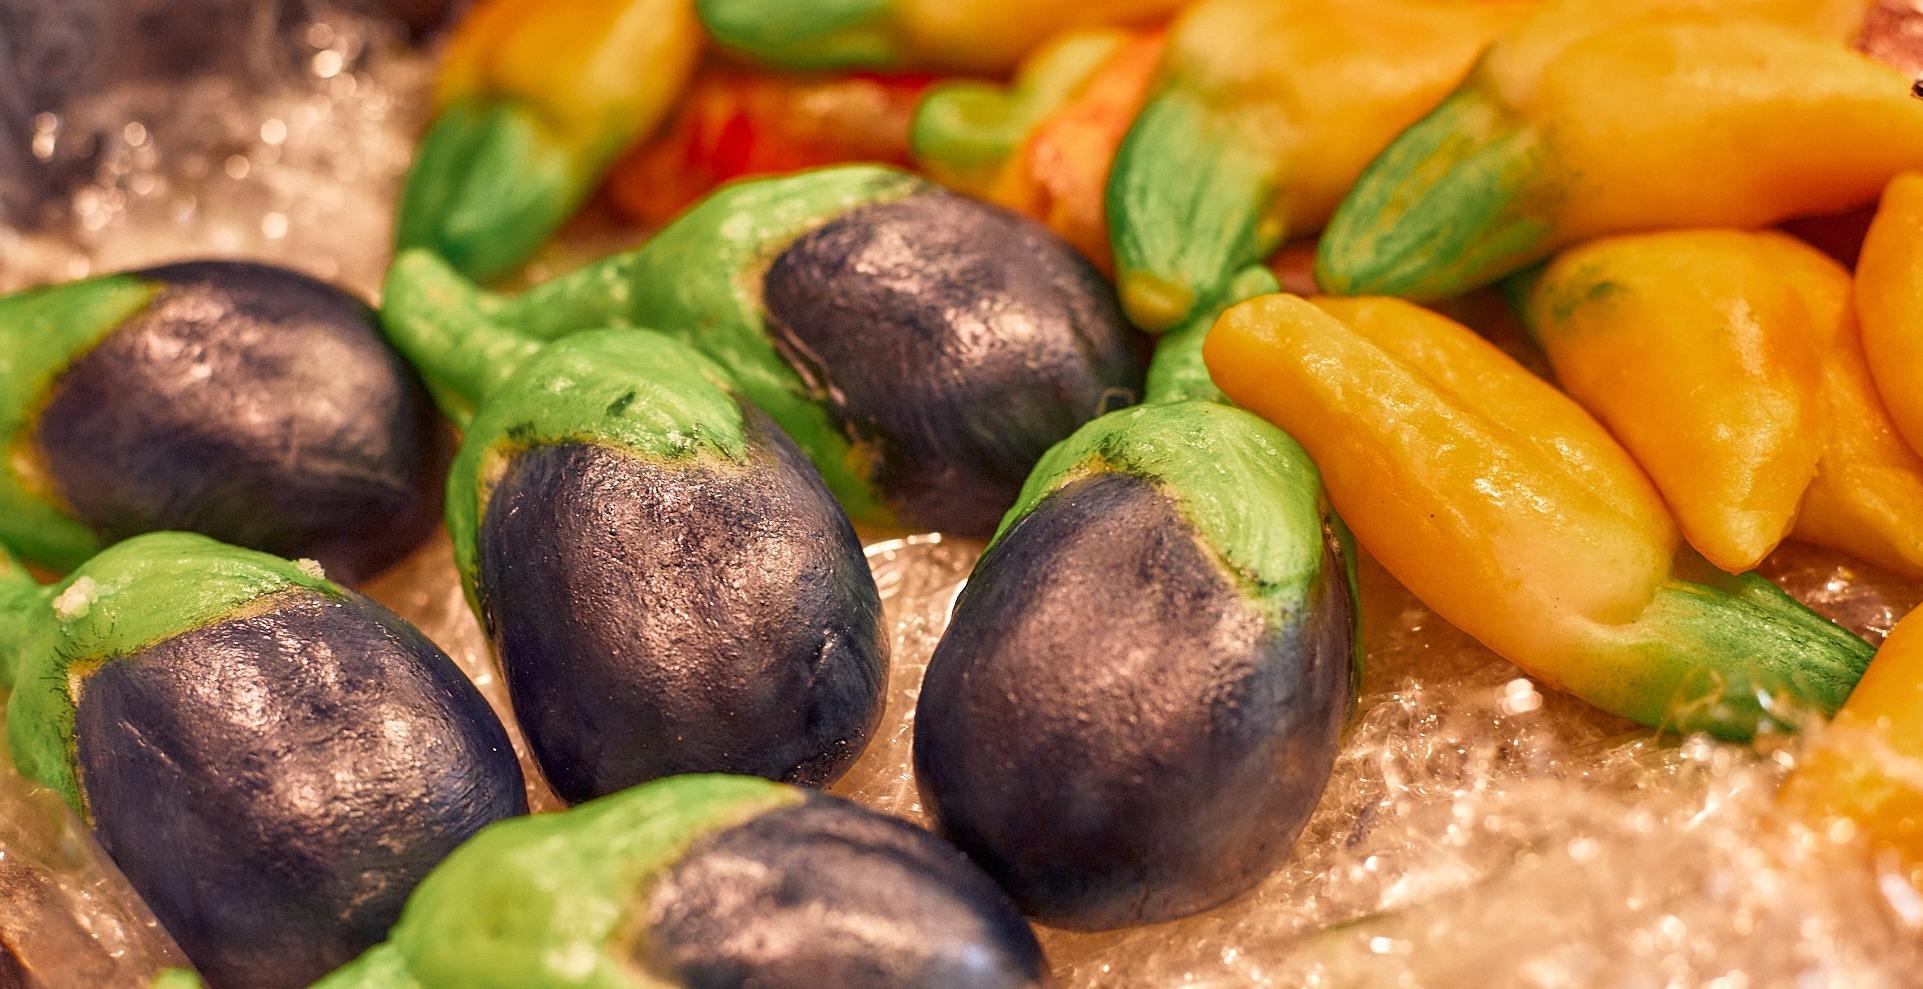 frutta-martorana-pasta-reale-pasta-di-mandorle-pane-e-caffe-palermo